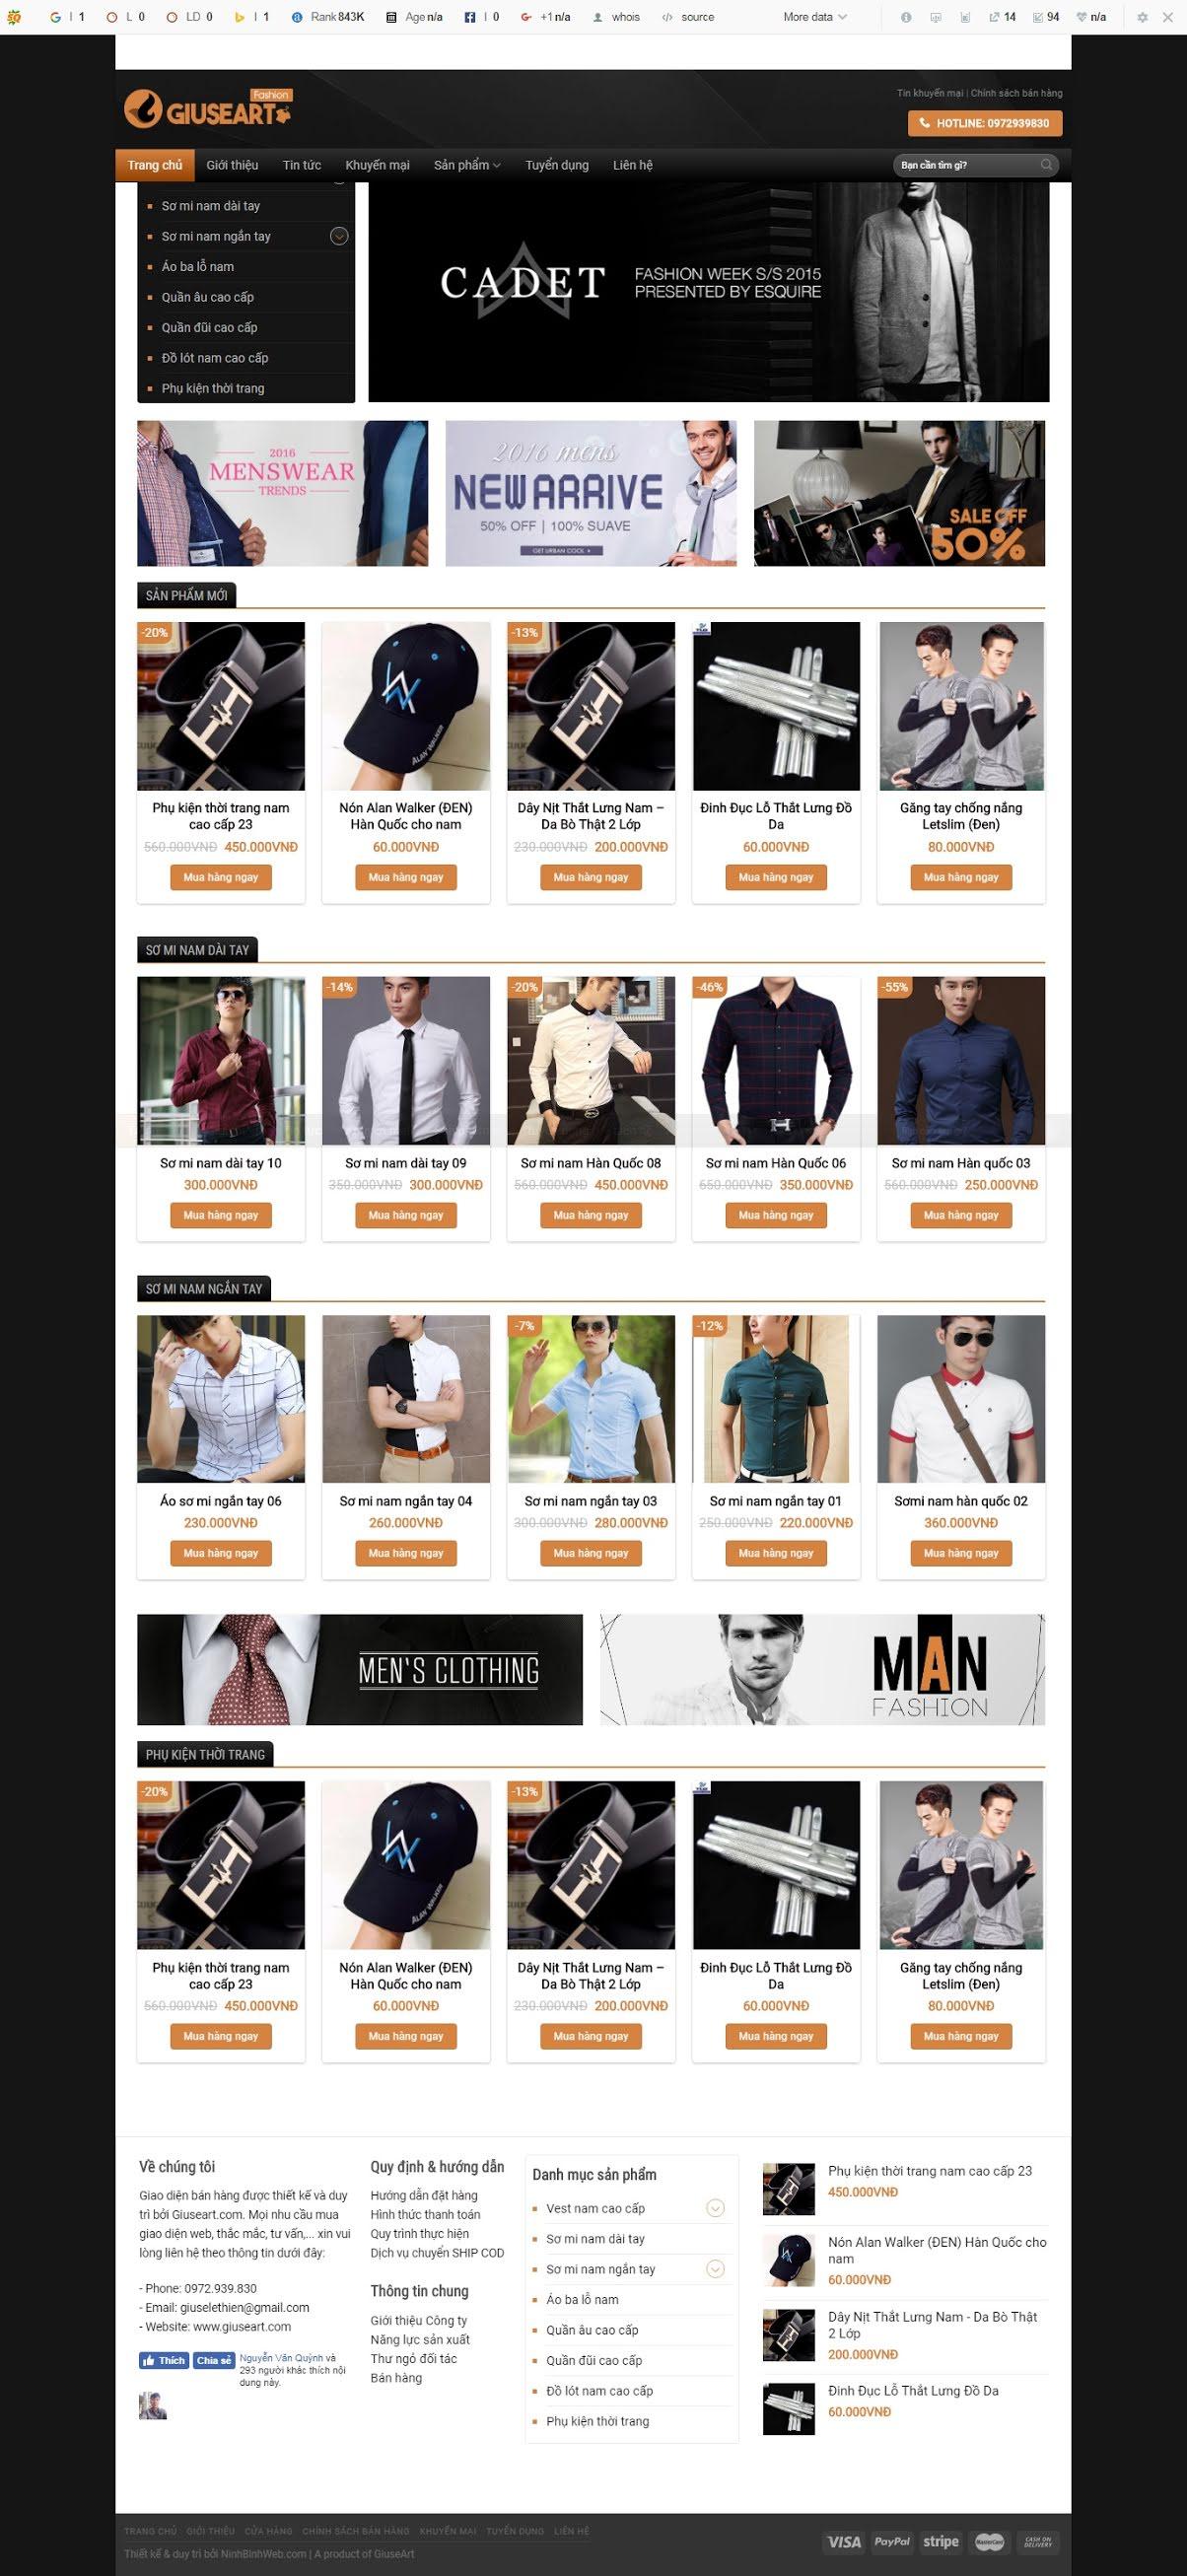 BÁN HÀNG 084 - Thời trang nam